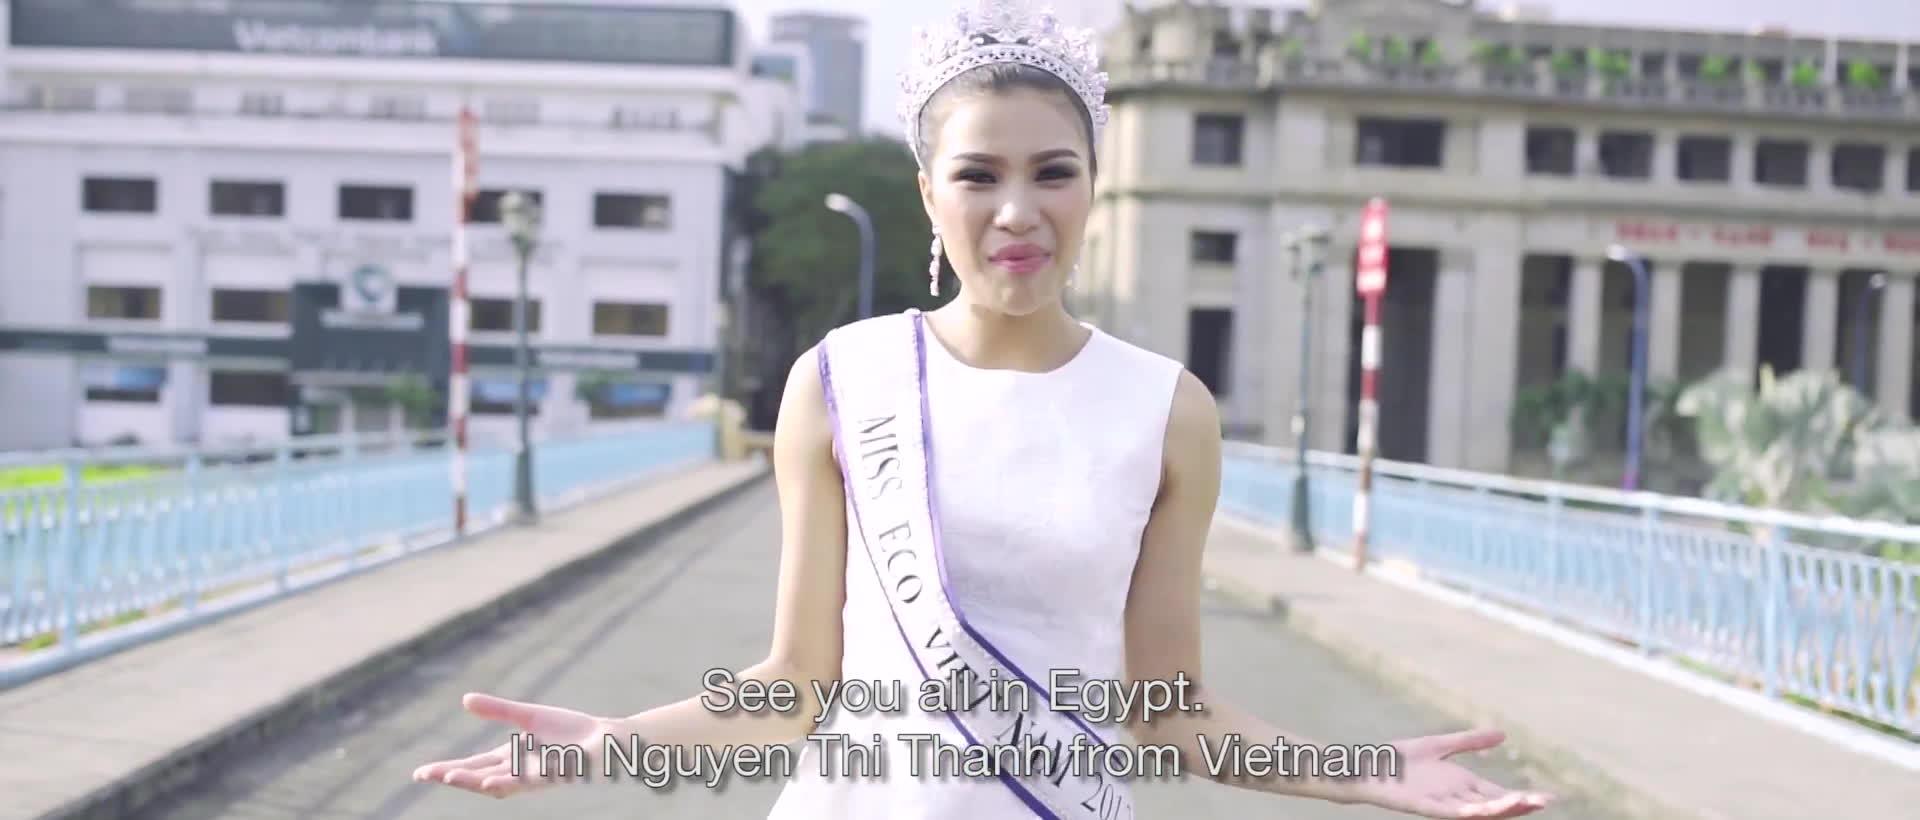 Bấp chấp bị tước danh hiệu, Nguyễn Thị Thành vẫn tự tin thi Miss Eco International 2017